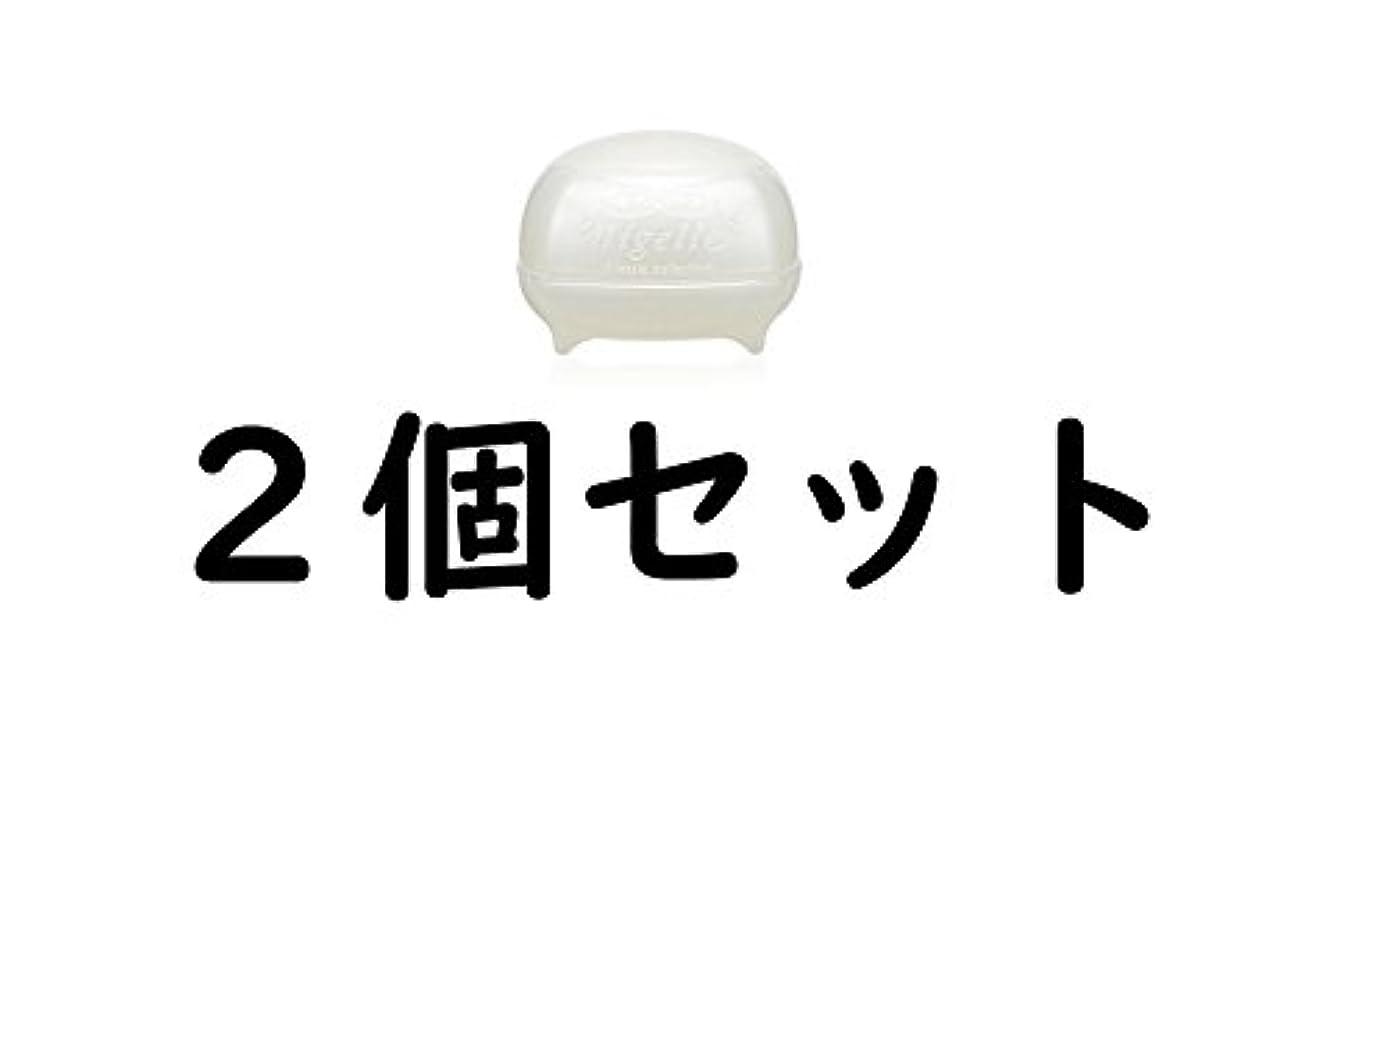 彼女のブランド壊れた【X2個セット】 ミルボン ニゼル トレイスワックス 80g (ニゼルドレシアコレクション) TRACE WAX MILBON